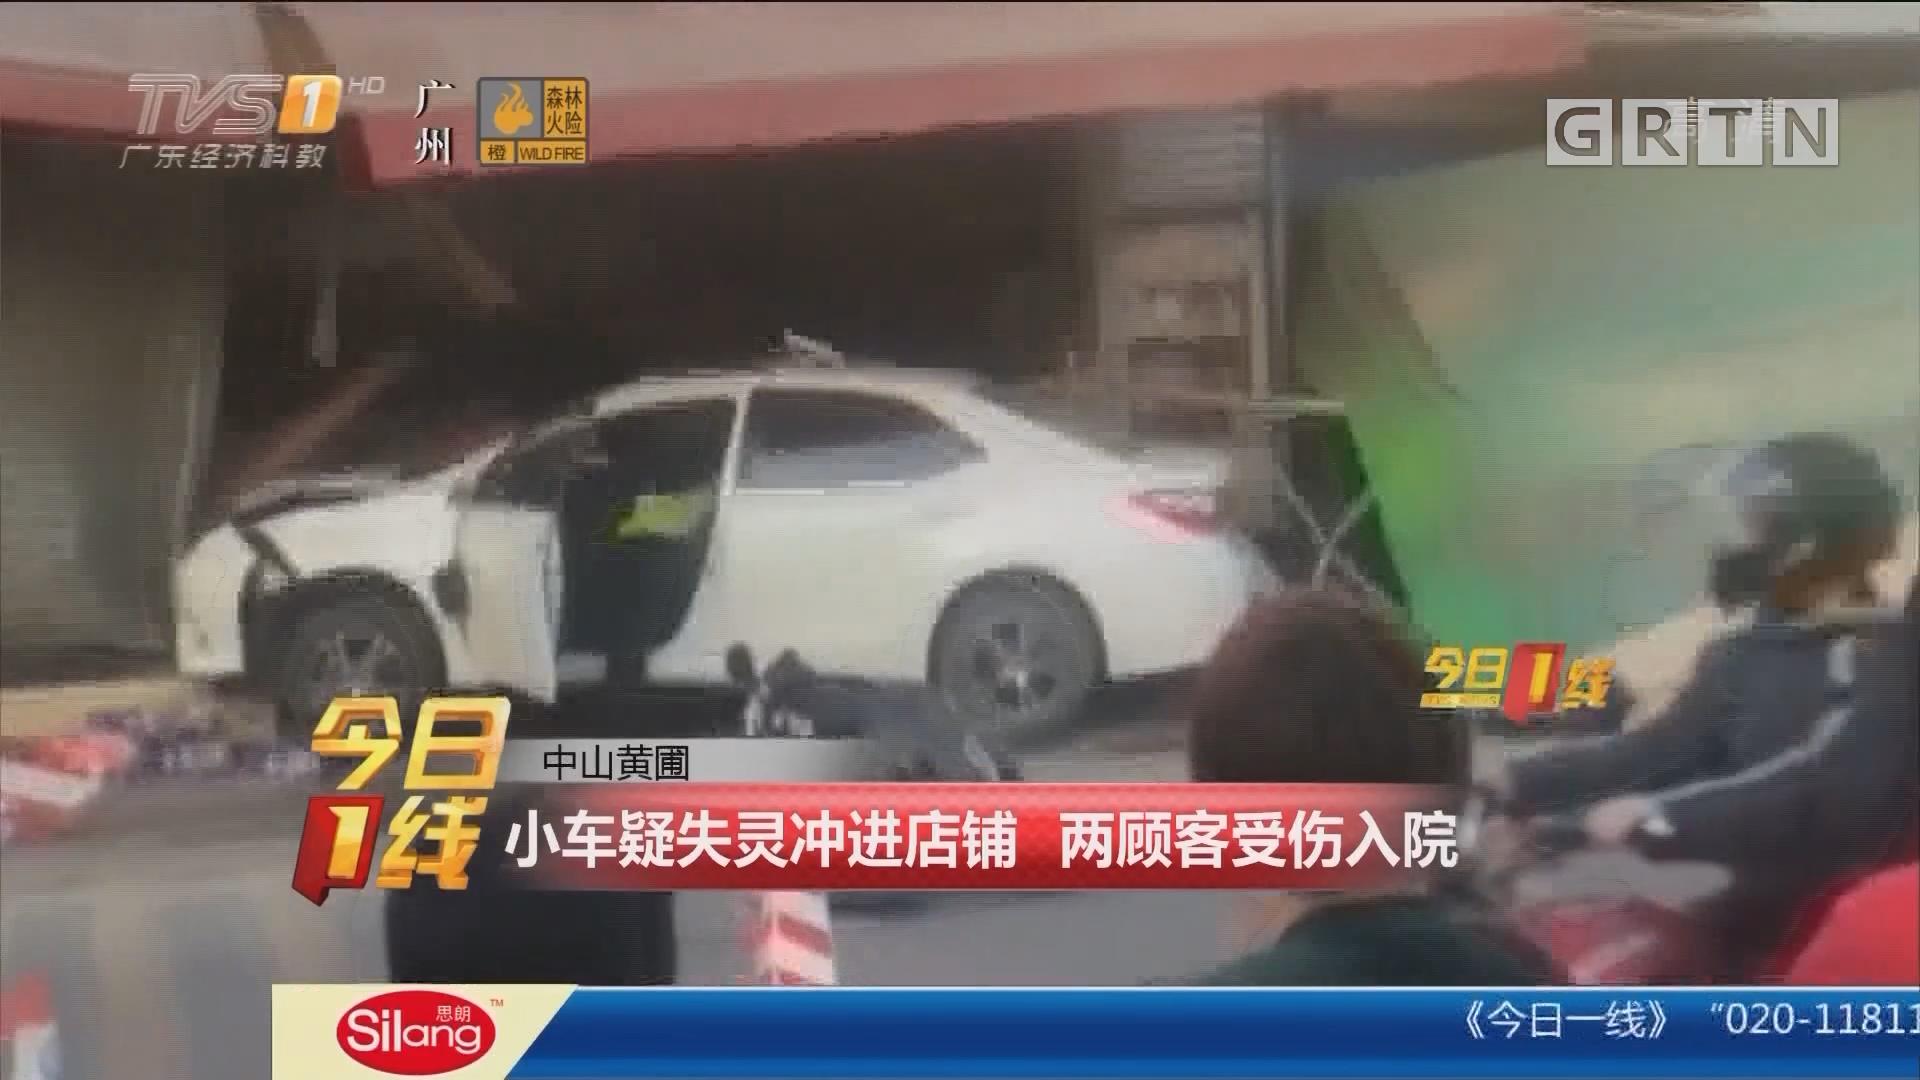 中山黄圃:小车疑失灵冲进店铺 两顾客受伤入院